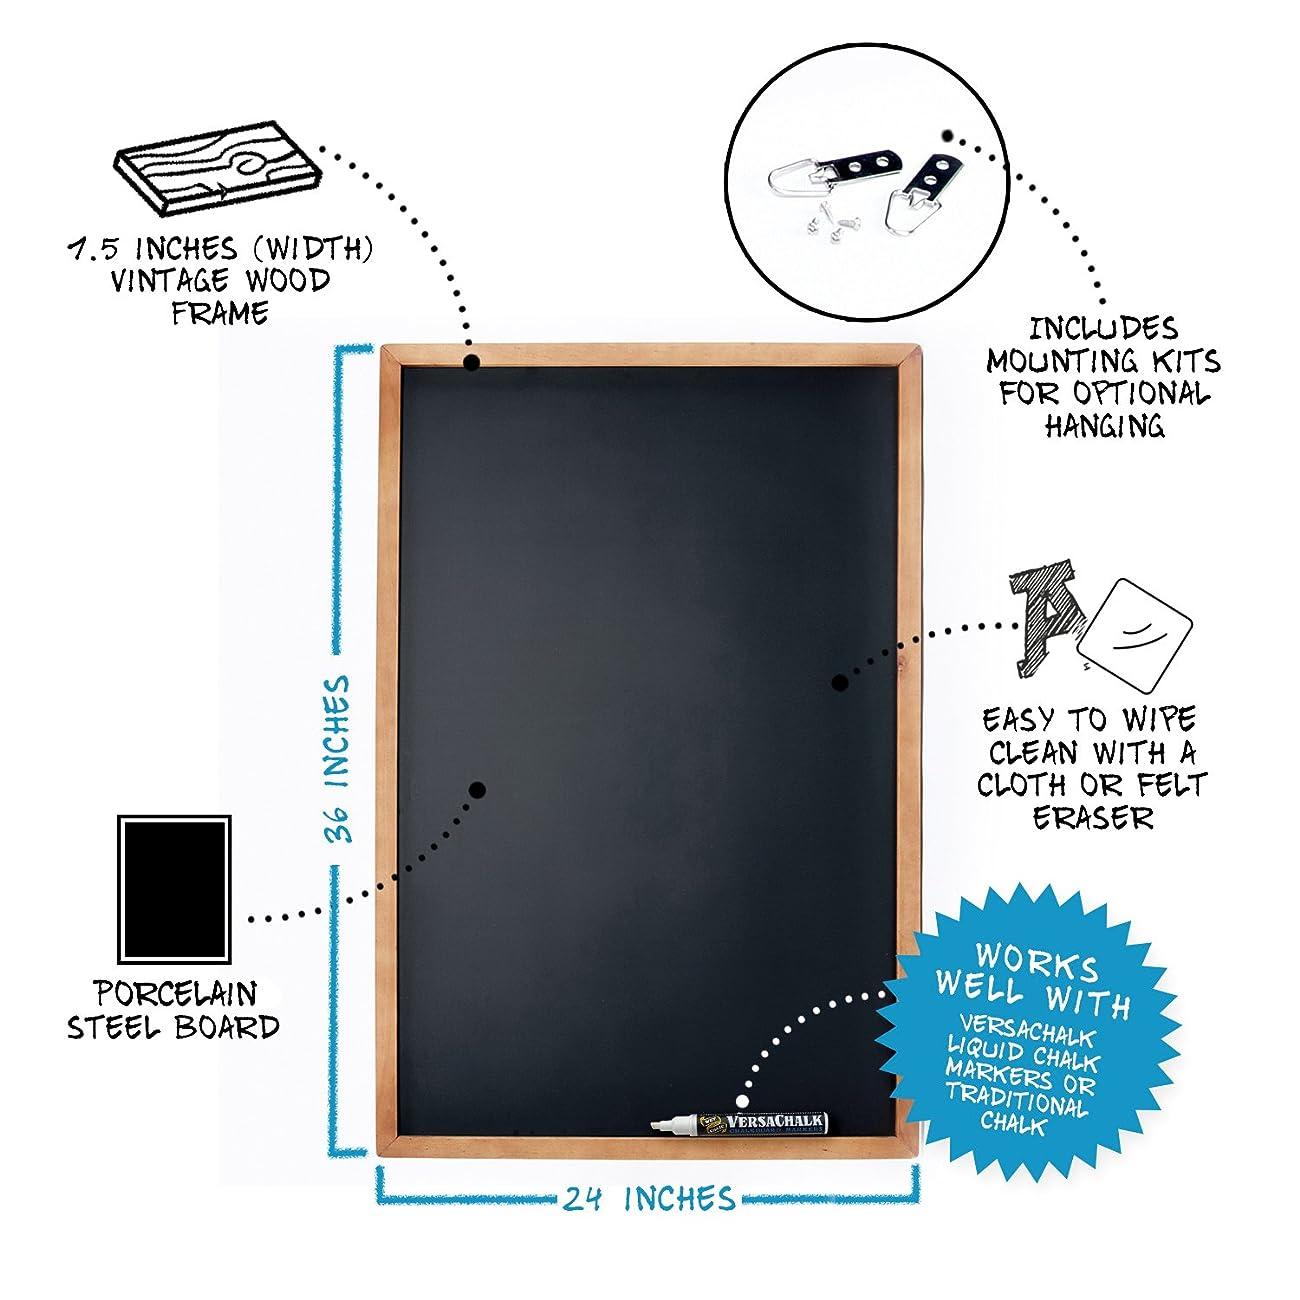 Vintage Wooden Framed Magnetic Chalkboard Sign - 24x36